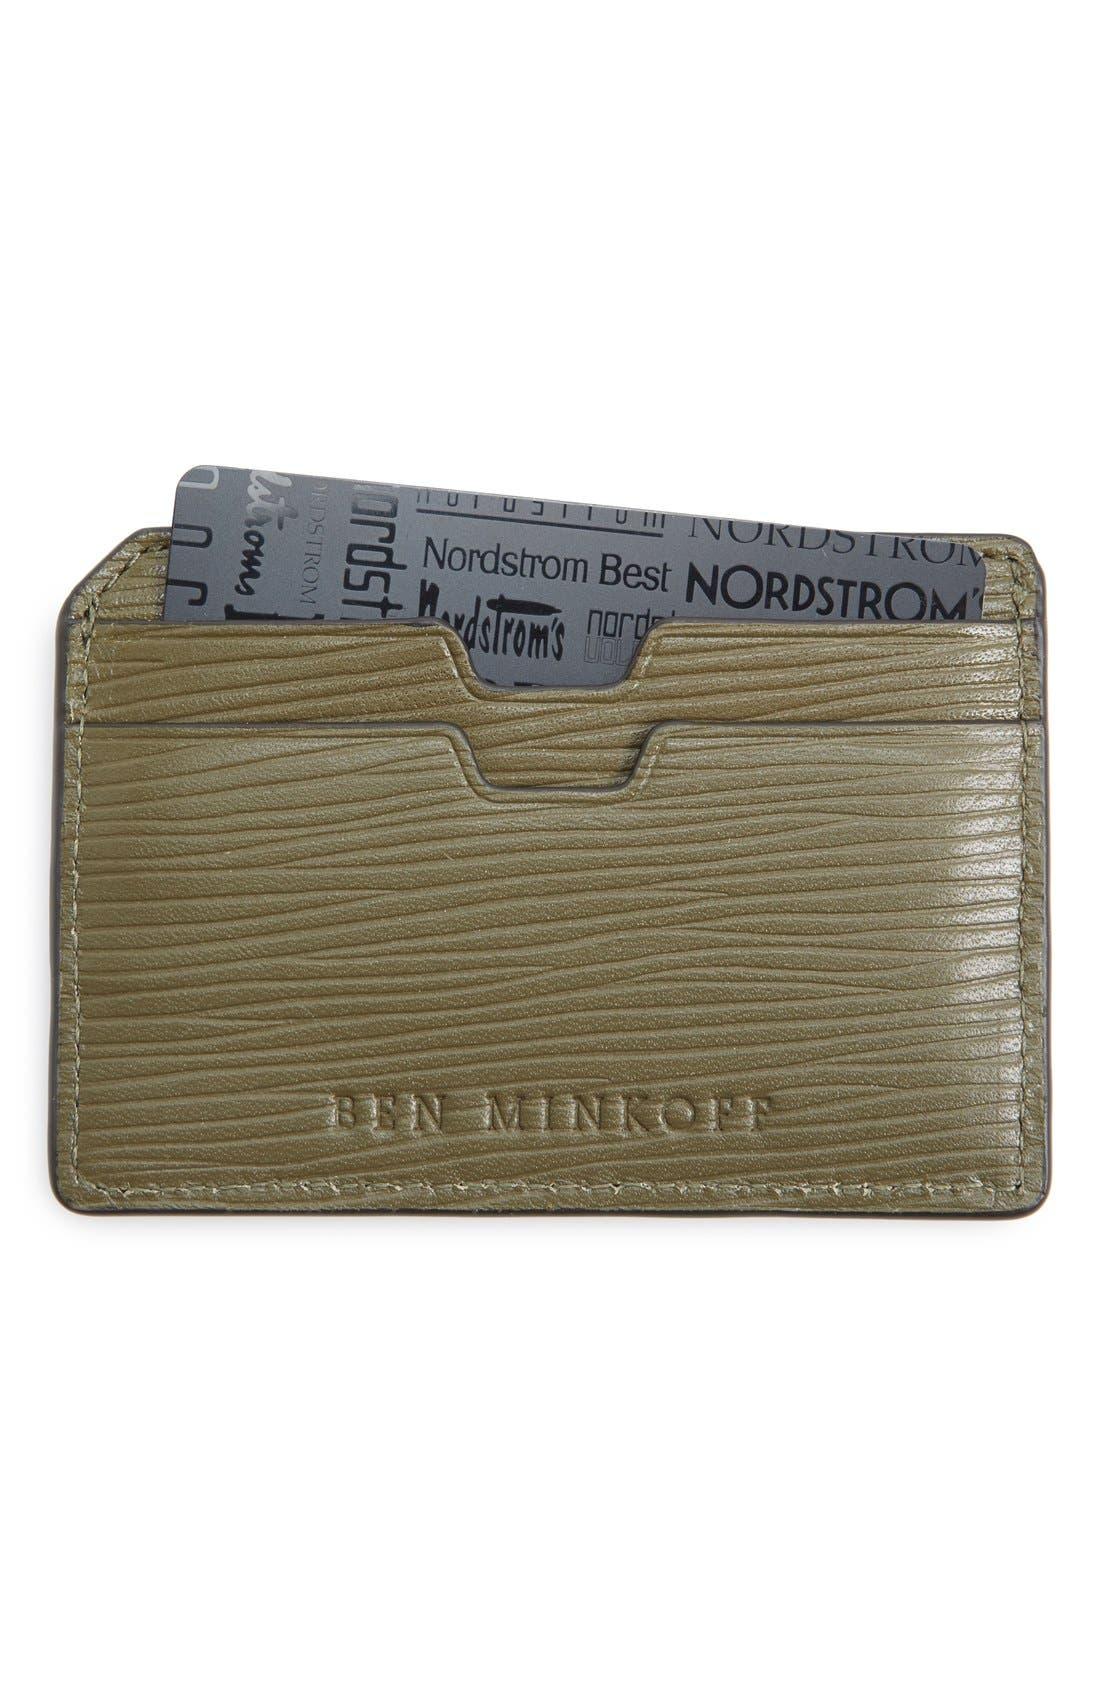 URI MINKOFF Ben Minkoff 'Nikko' Card Case, Main, color, 305